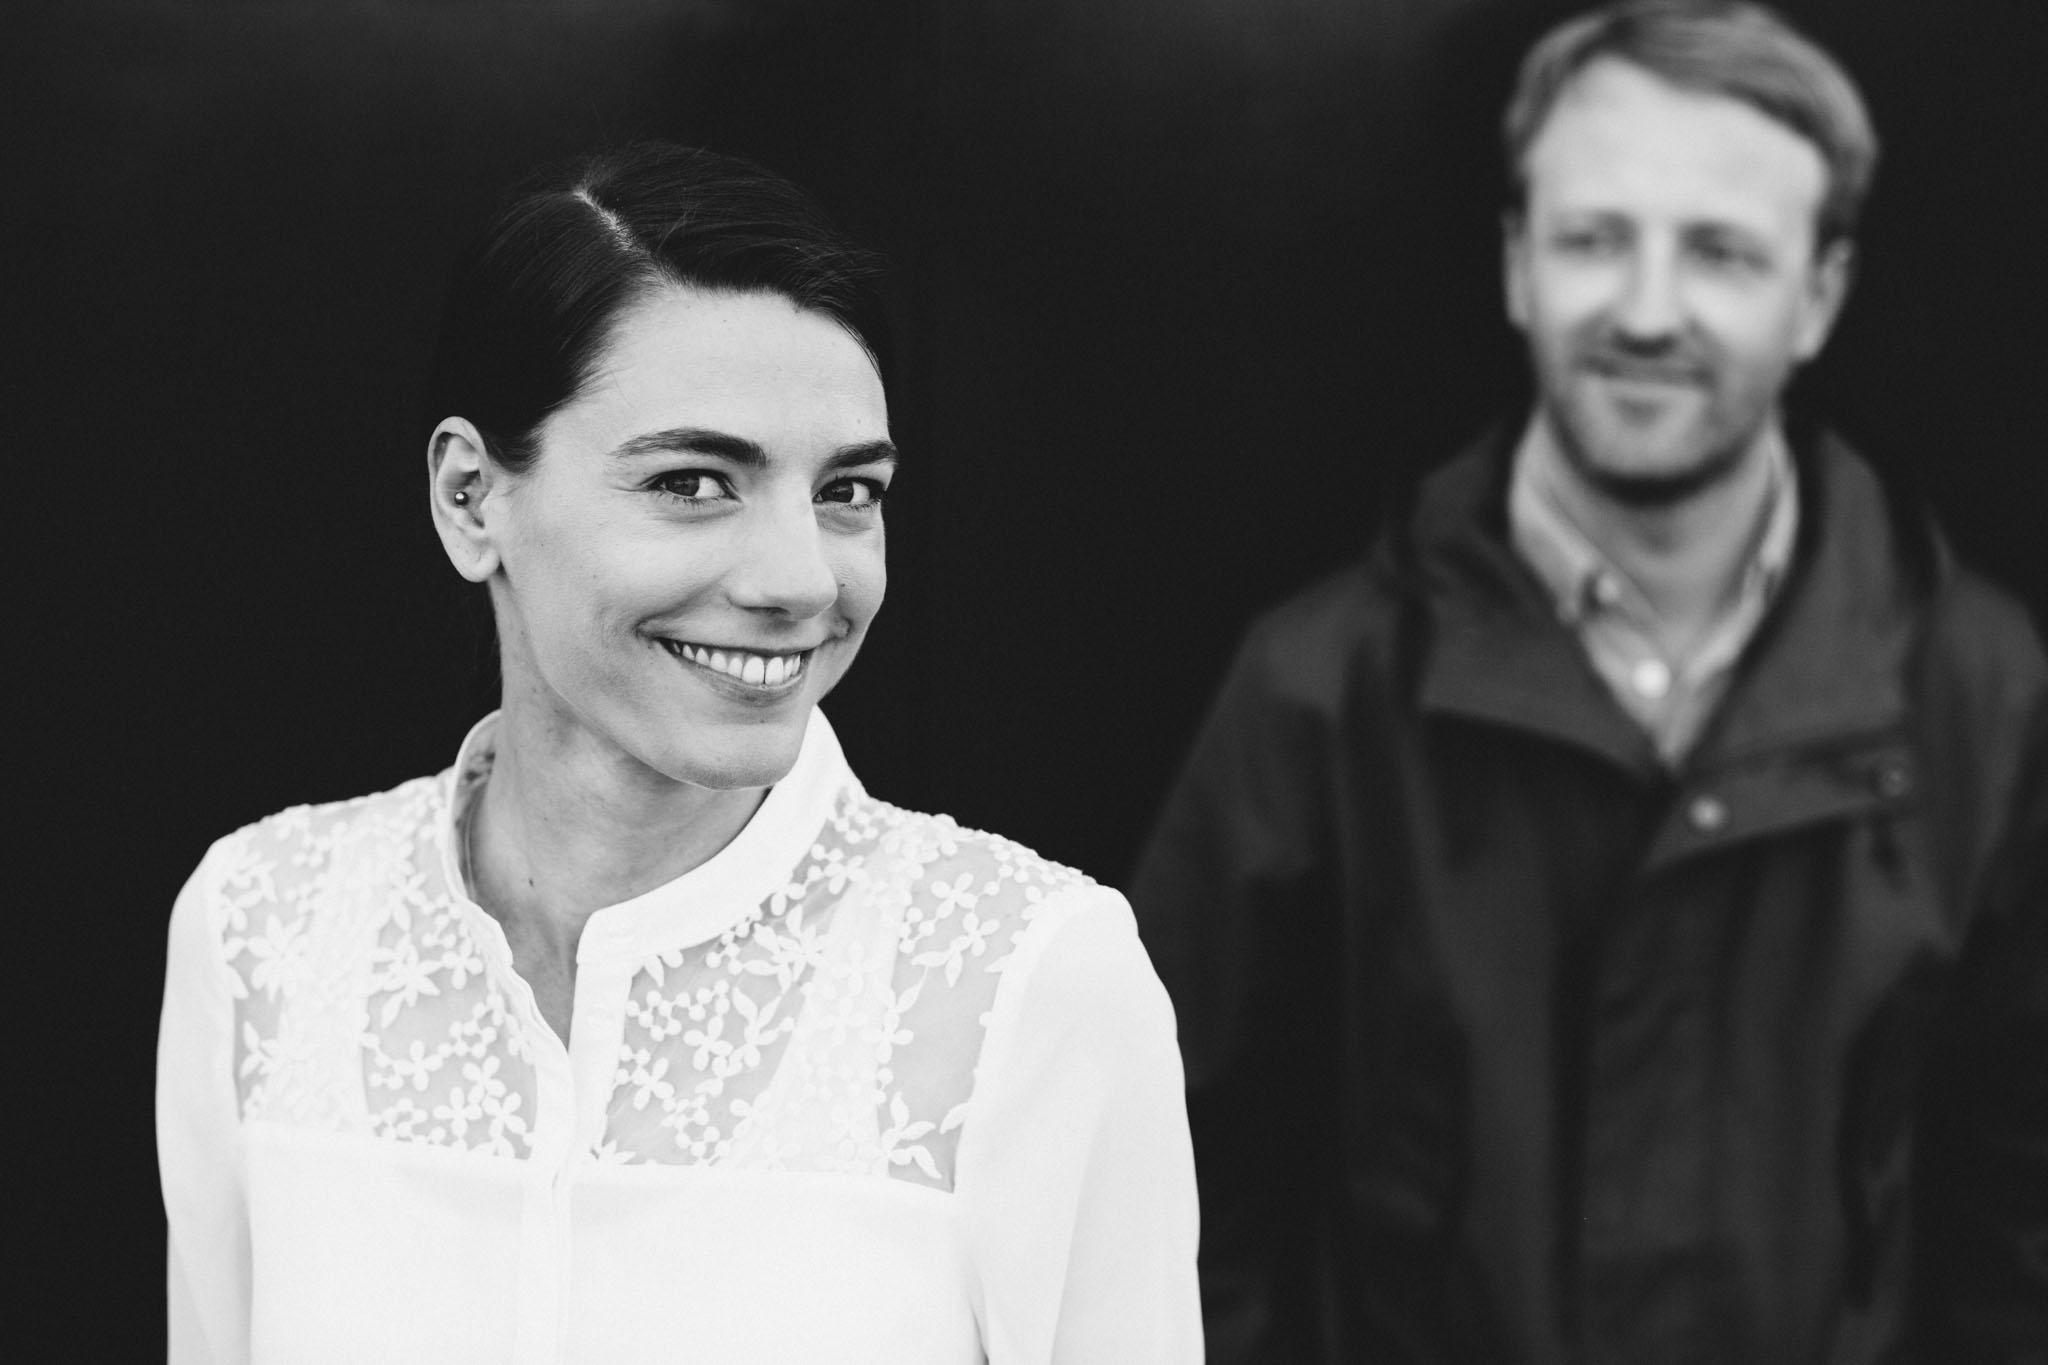 hochzeitsfotograf-verlobungsfotos-berlin-schwarzweiss